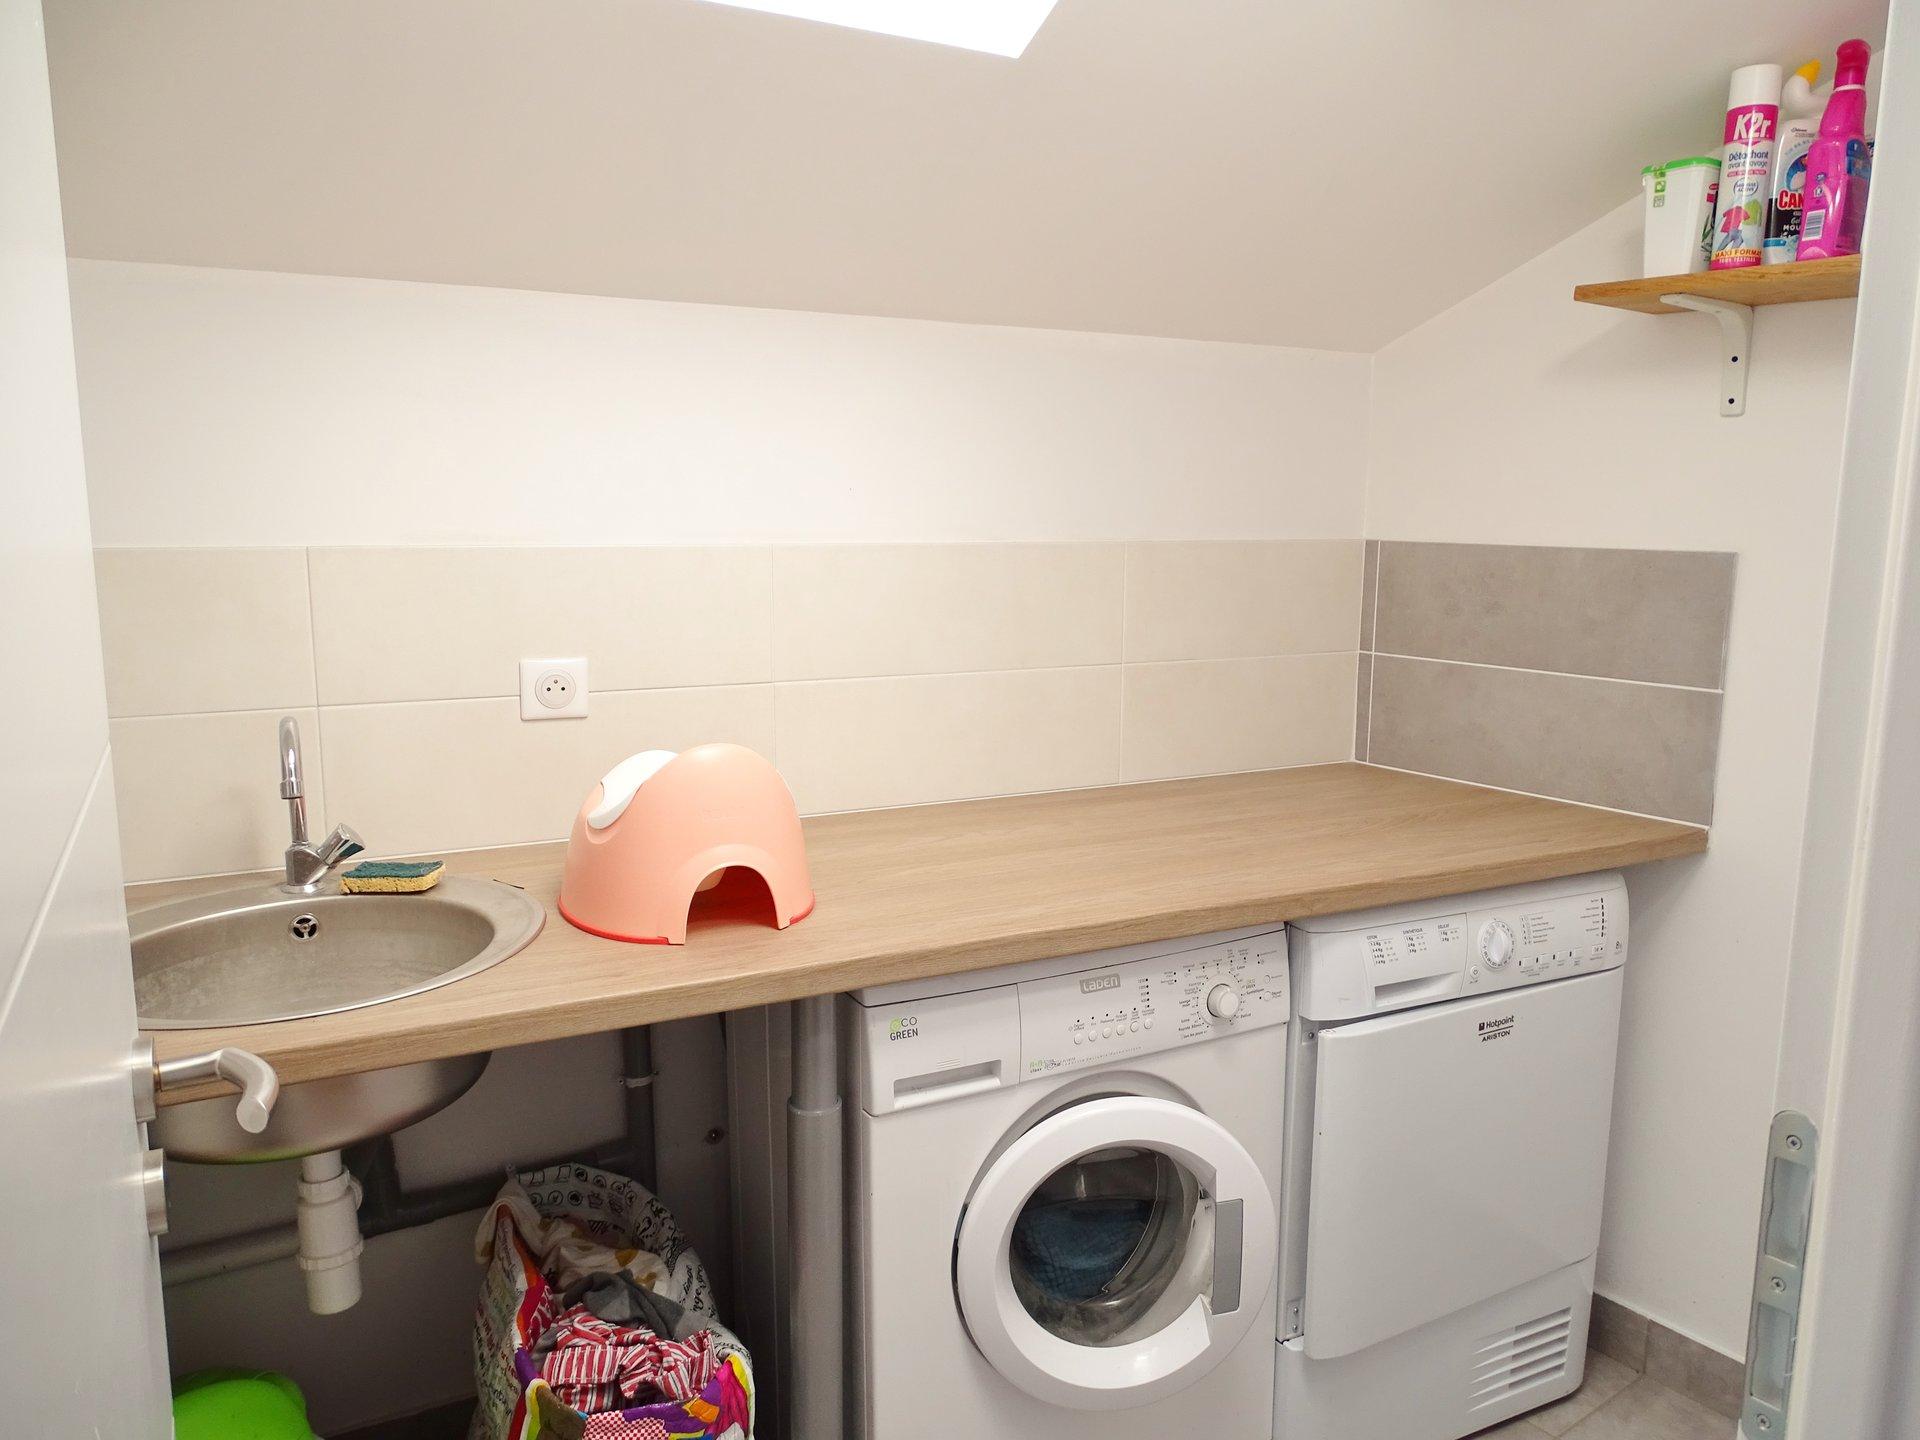 Située à 7 minutes à l'ouest de Charnay, cette maison construite en 2017 est d'une qualité rare. Le niveau de vie principal offre une cuisine équipée ouverte sur un séjour approchant les 40 m². Il donne directement par de belles baies vitrées sur une terrasse en partie couverte de 50 m². Ce même niveau offre un bureau. L'étage offre 3 chambres dont une suite parentale avec sa salle de douche, plus une salle de bains et une buanderie. Double vitrage aluminium, parquets massifs, pompe à chaleur réversible, cheminée, garage double, abris 2 véhicules, cave... La cerise sur le gâteau? la possibilité d?entrapercevoir la Roche de Solutré. Honoraires à la charge des vendeurs.